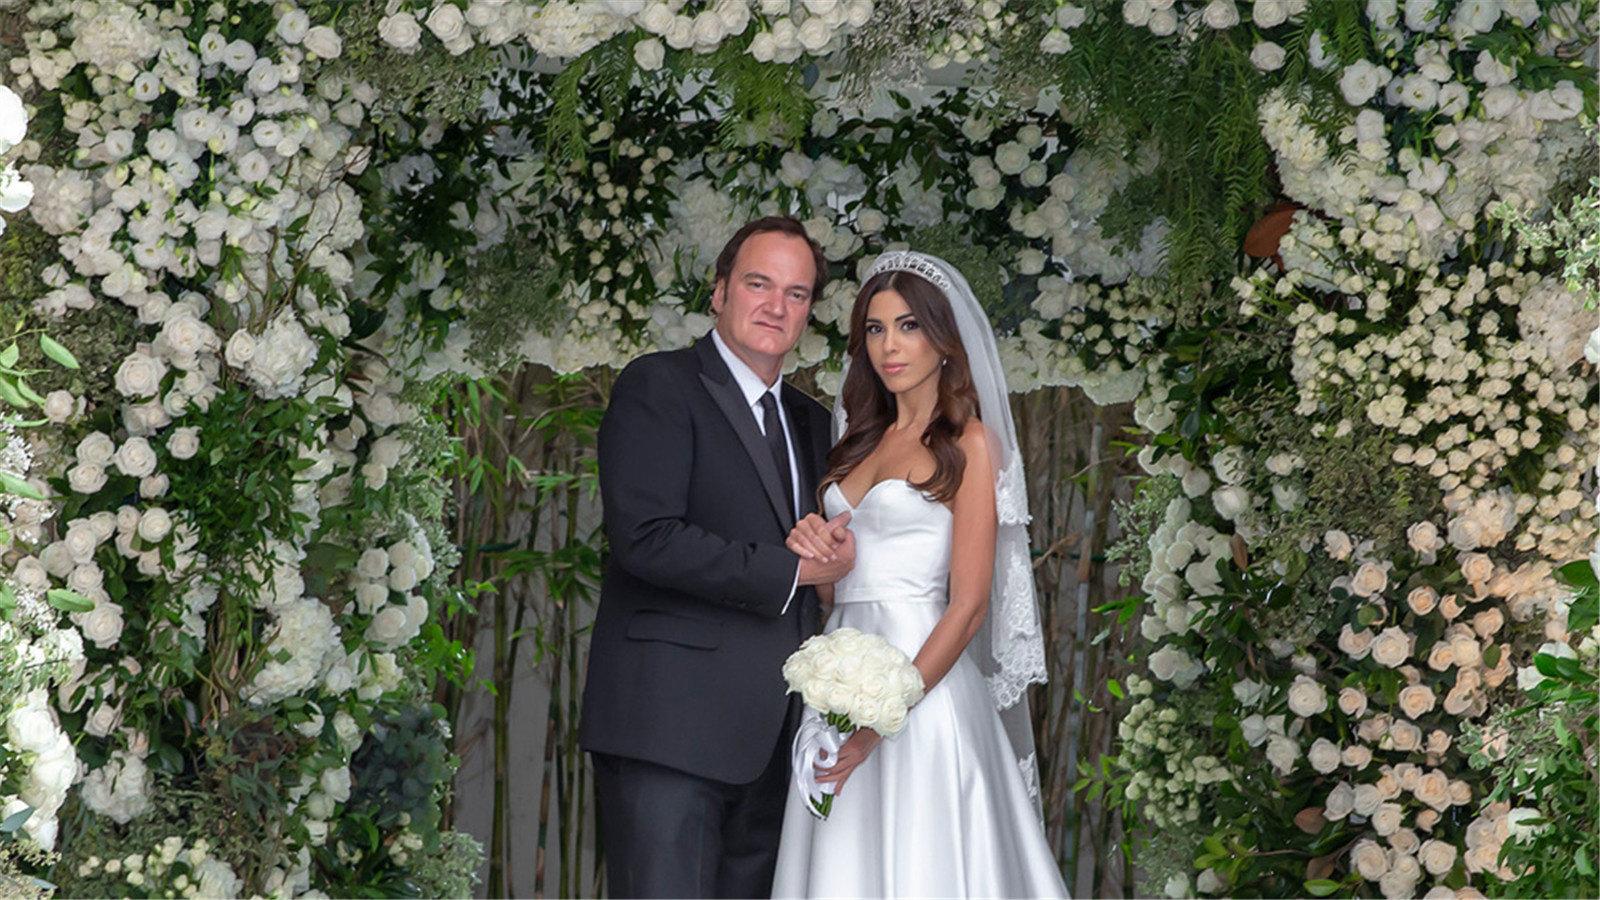 恭喜!昆汀·塔伦蒂诺与 Daniella Pick 在洛杉矶完婚